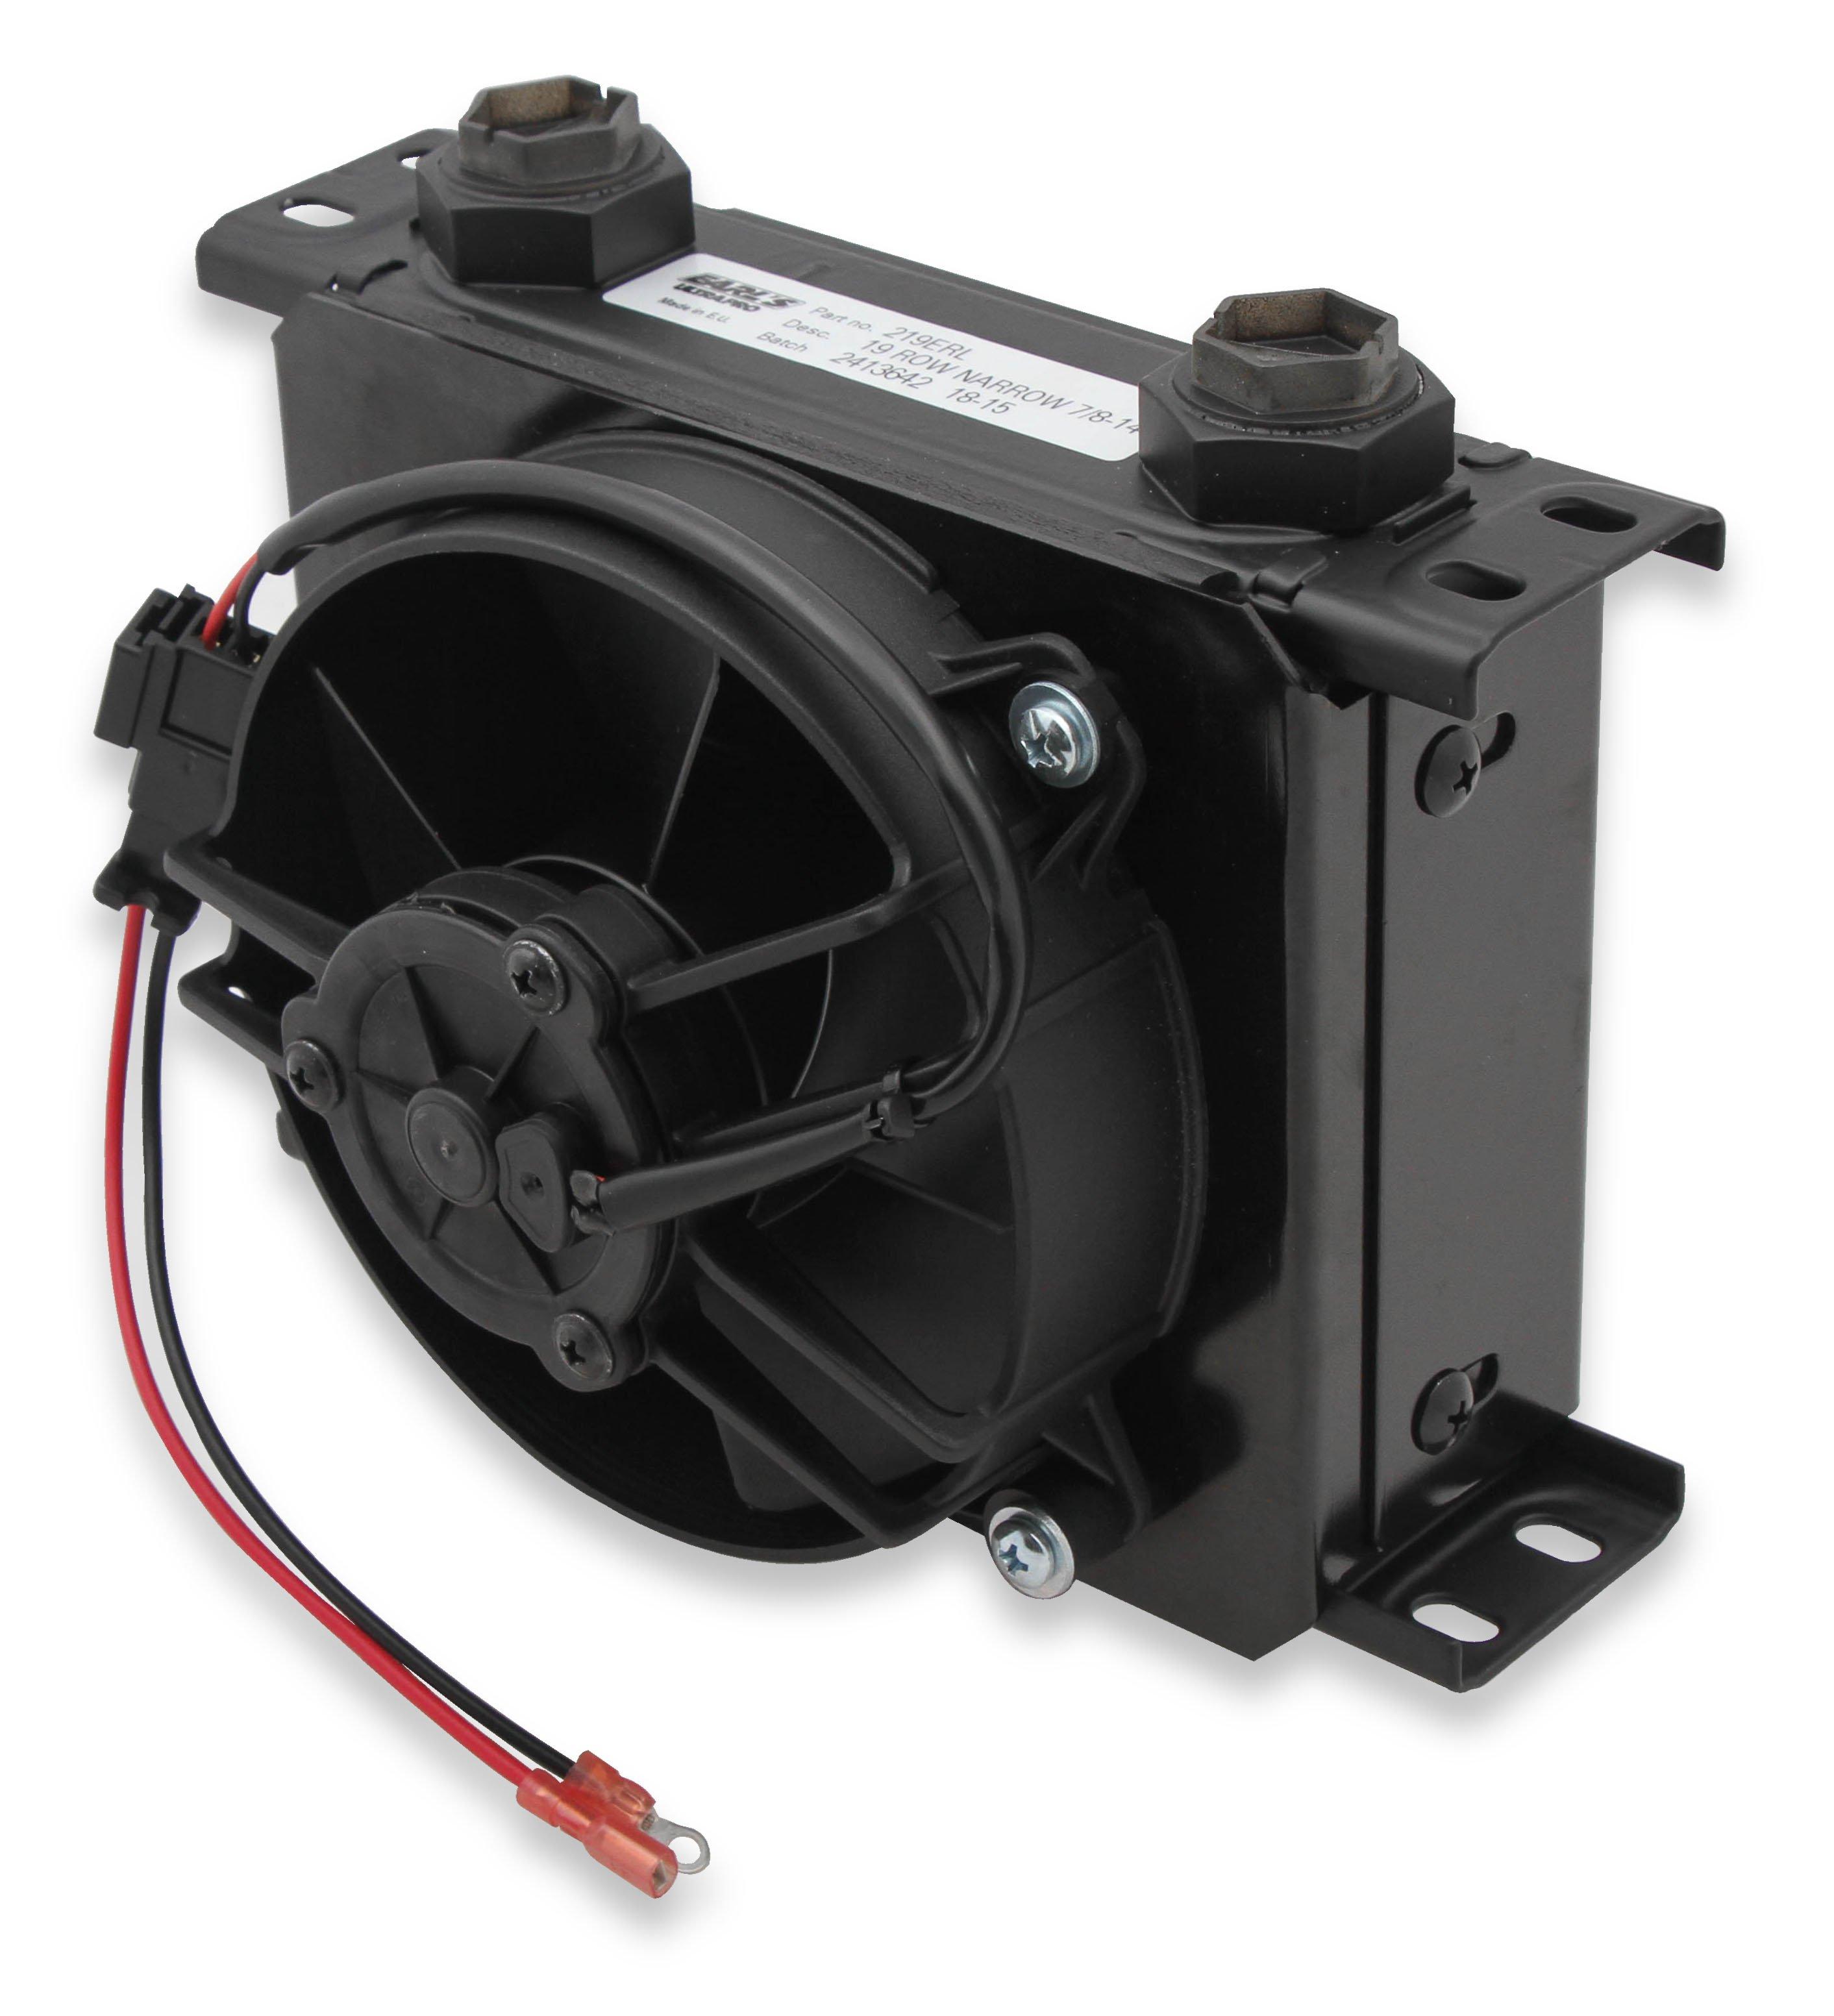 Oil Cooler Fan Wiring Diagram Library Derale Fp219erl Earls Ultrapro W Pack Black 19 Rows